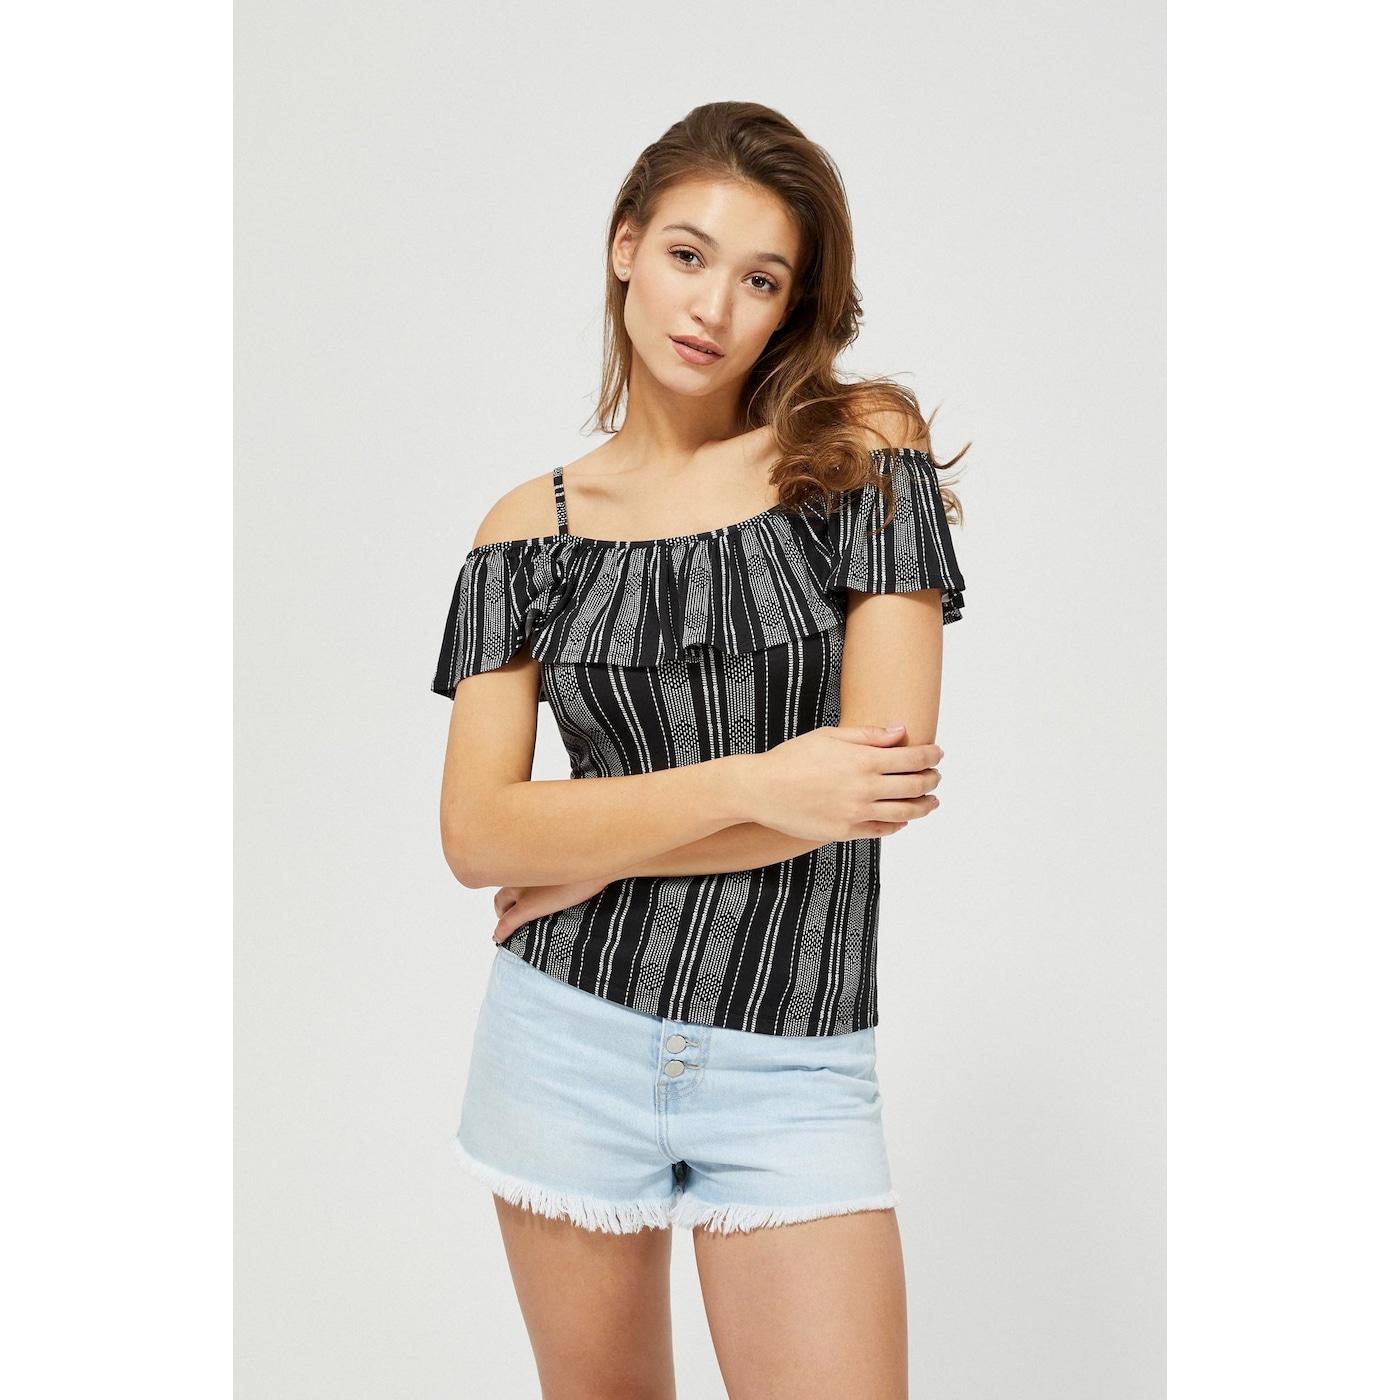 Spanish blouse - black dámské Other L